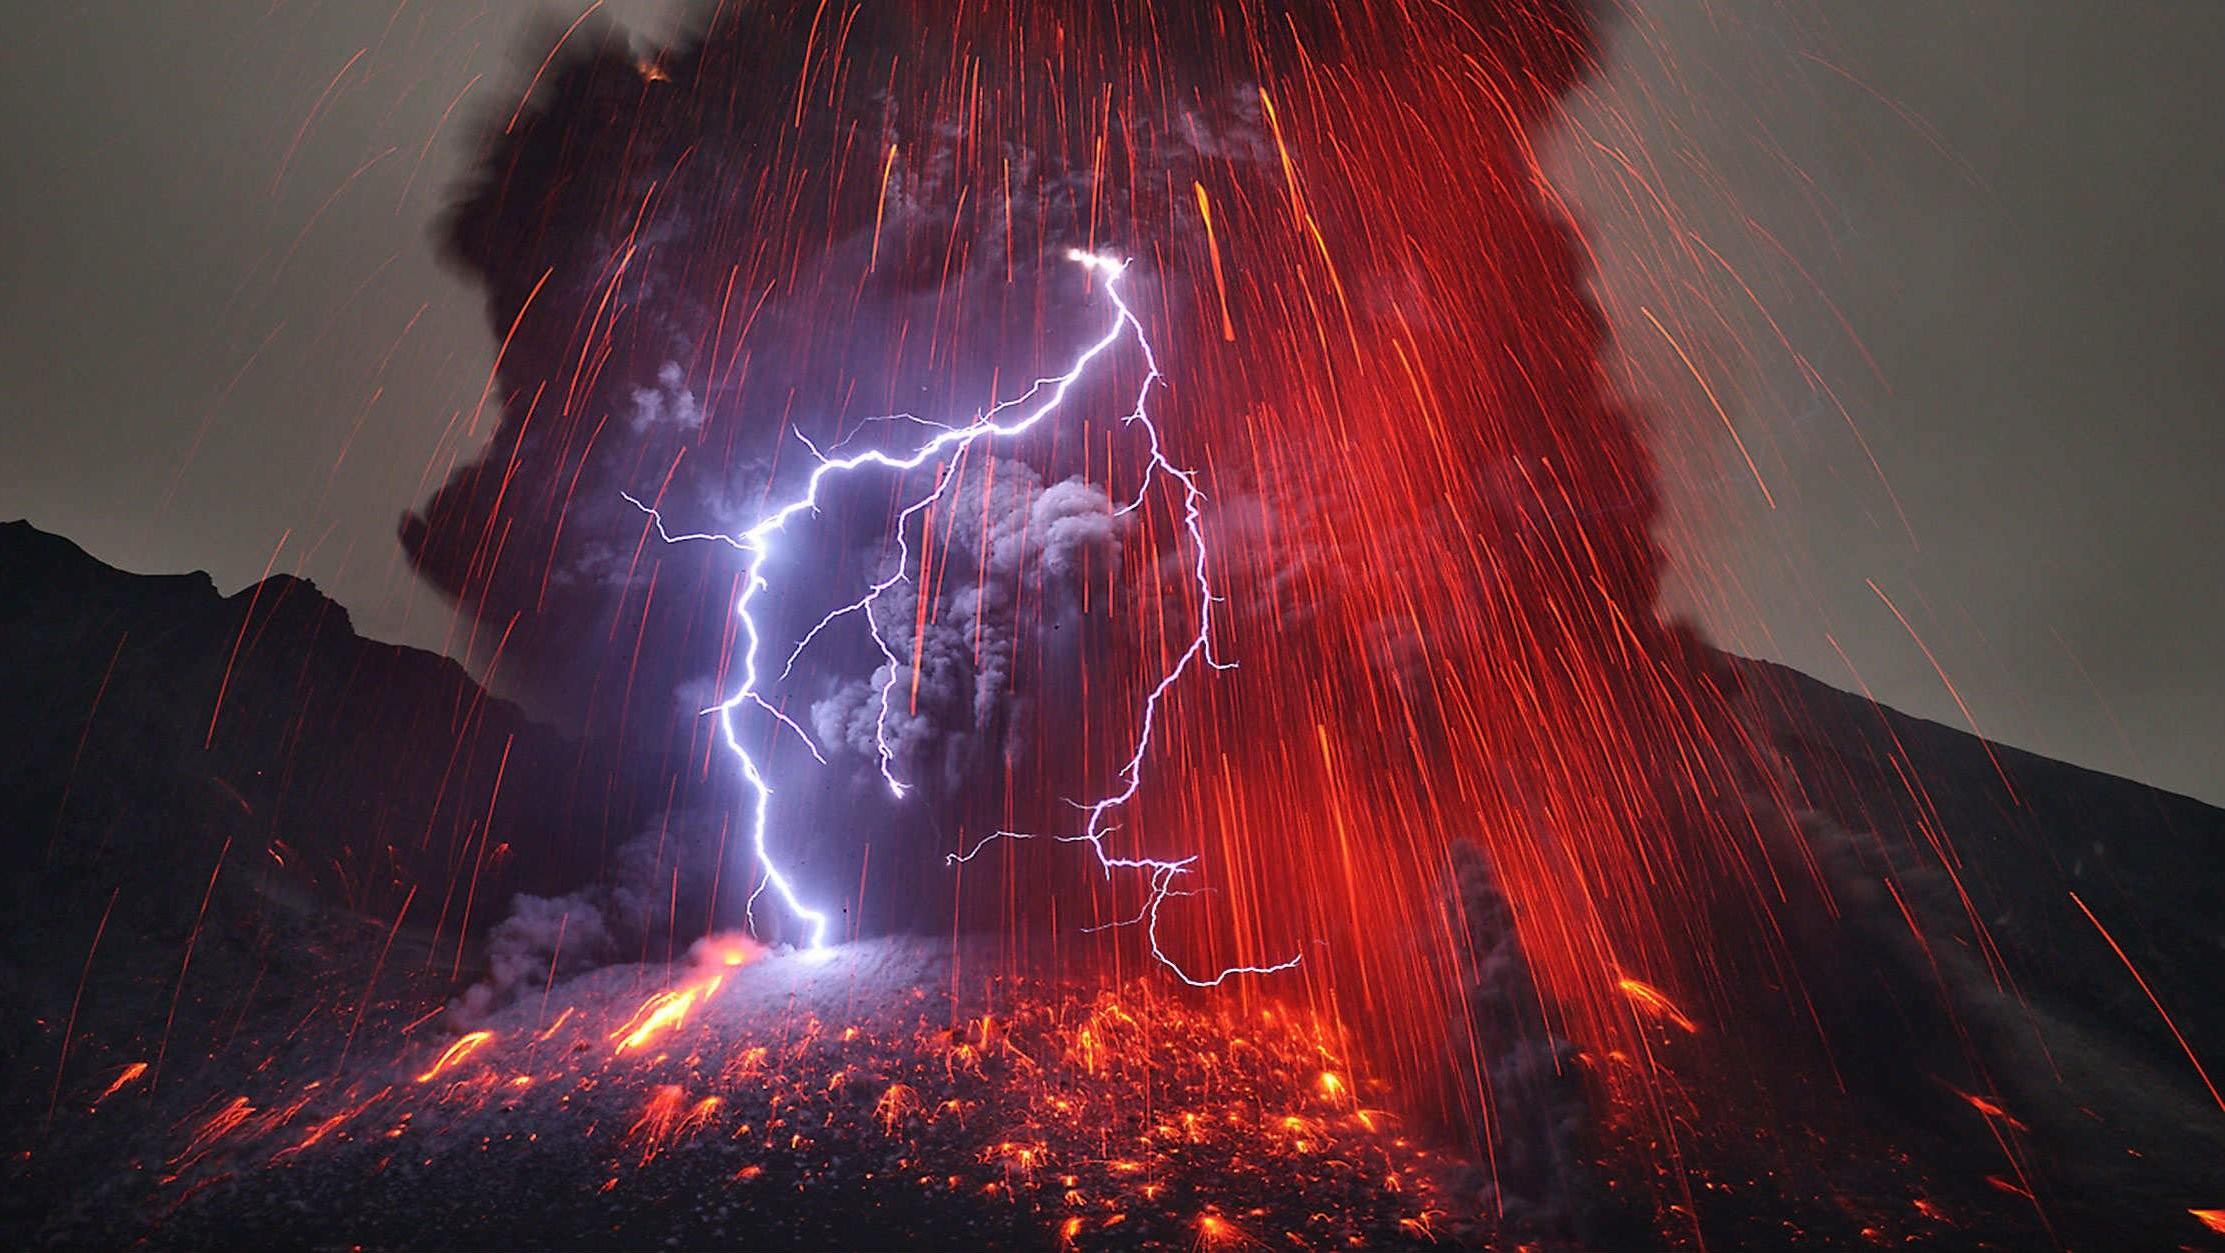 Res: 2225x1253, Volcanic Lightning Desktop Image HD Desktop Wallpaper, Background Image